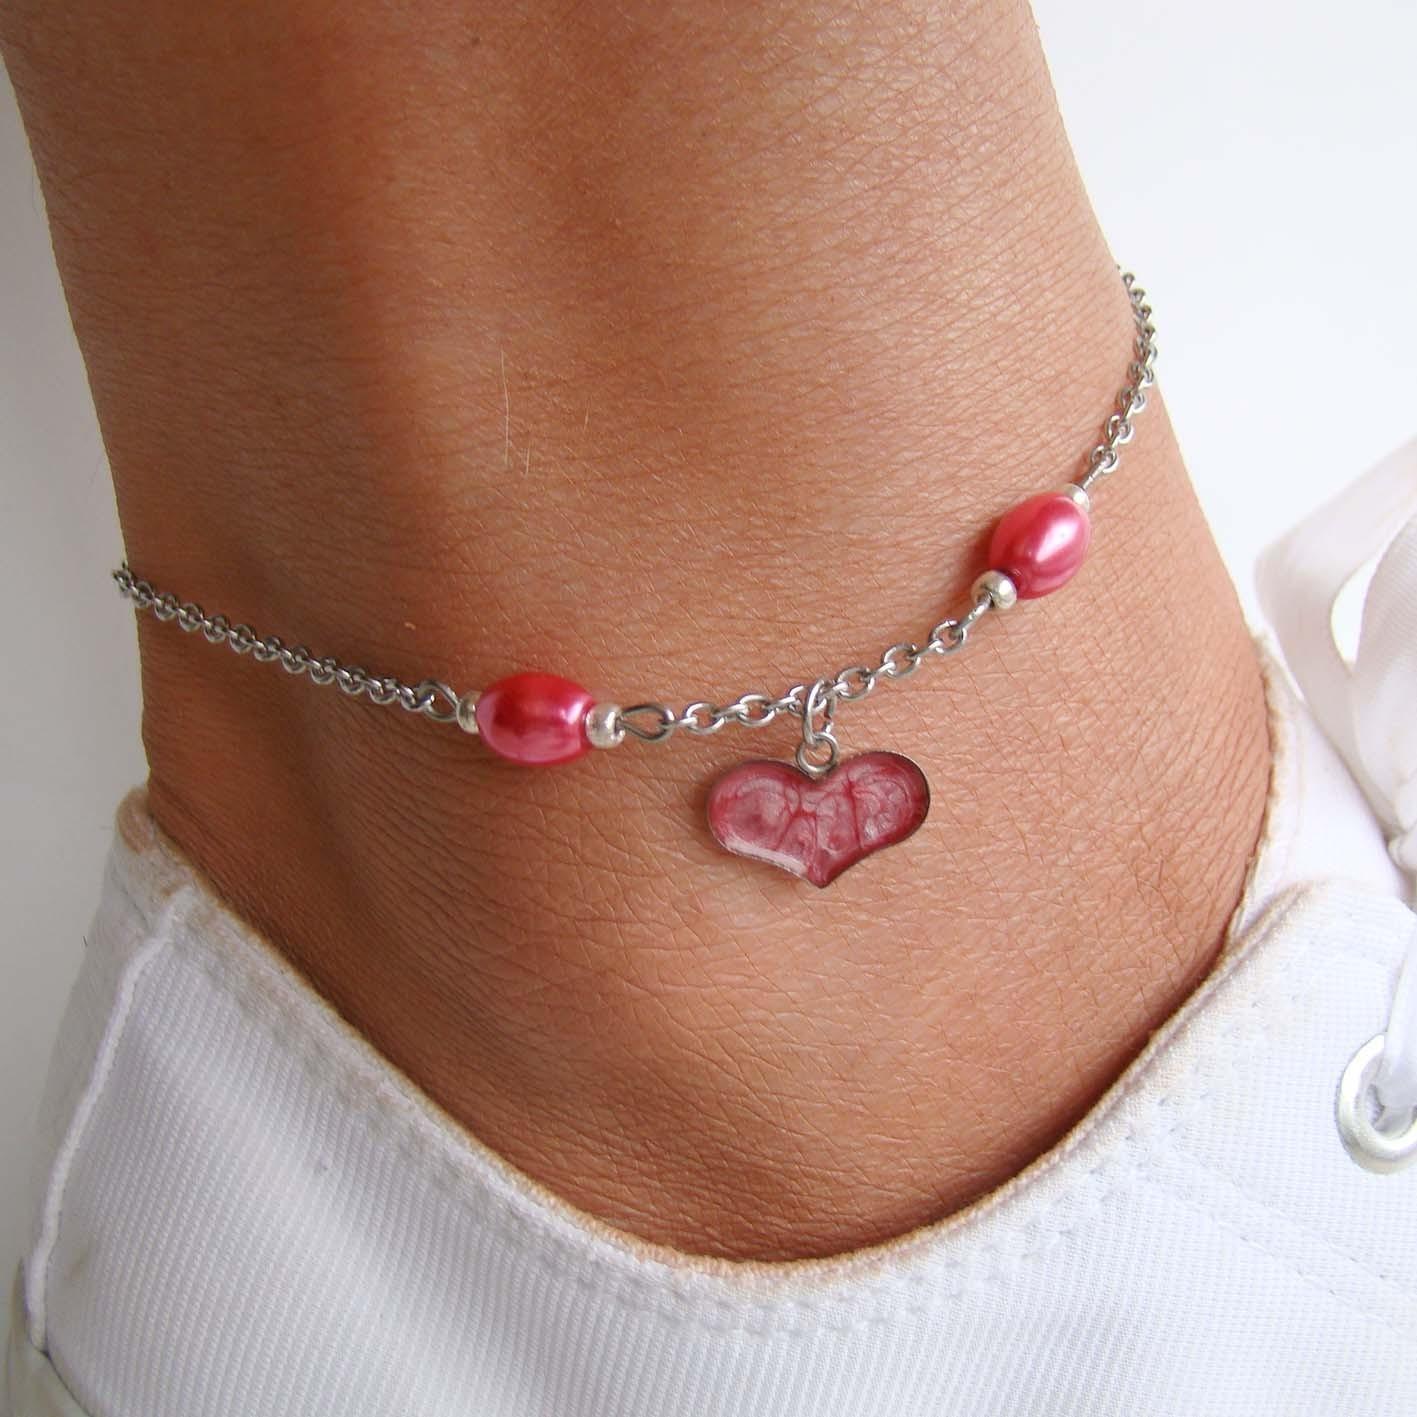 nákotník se srdcem - chirurgická ocel   Zboží prodejce ancovicka ... b62bd7cbc8